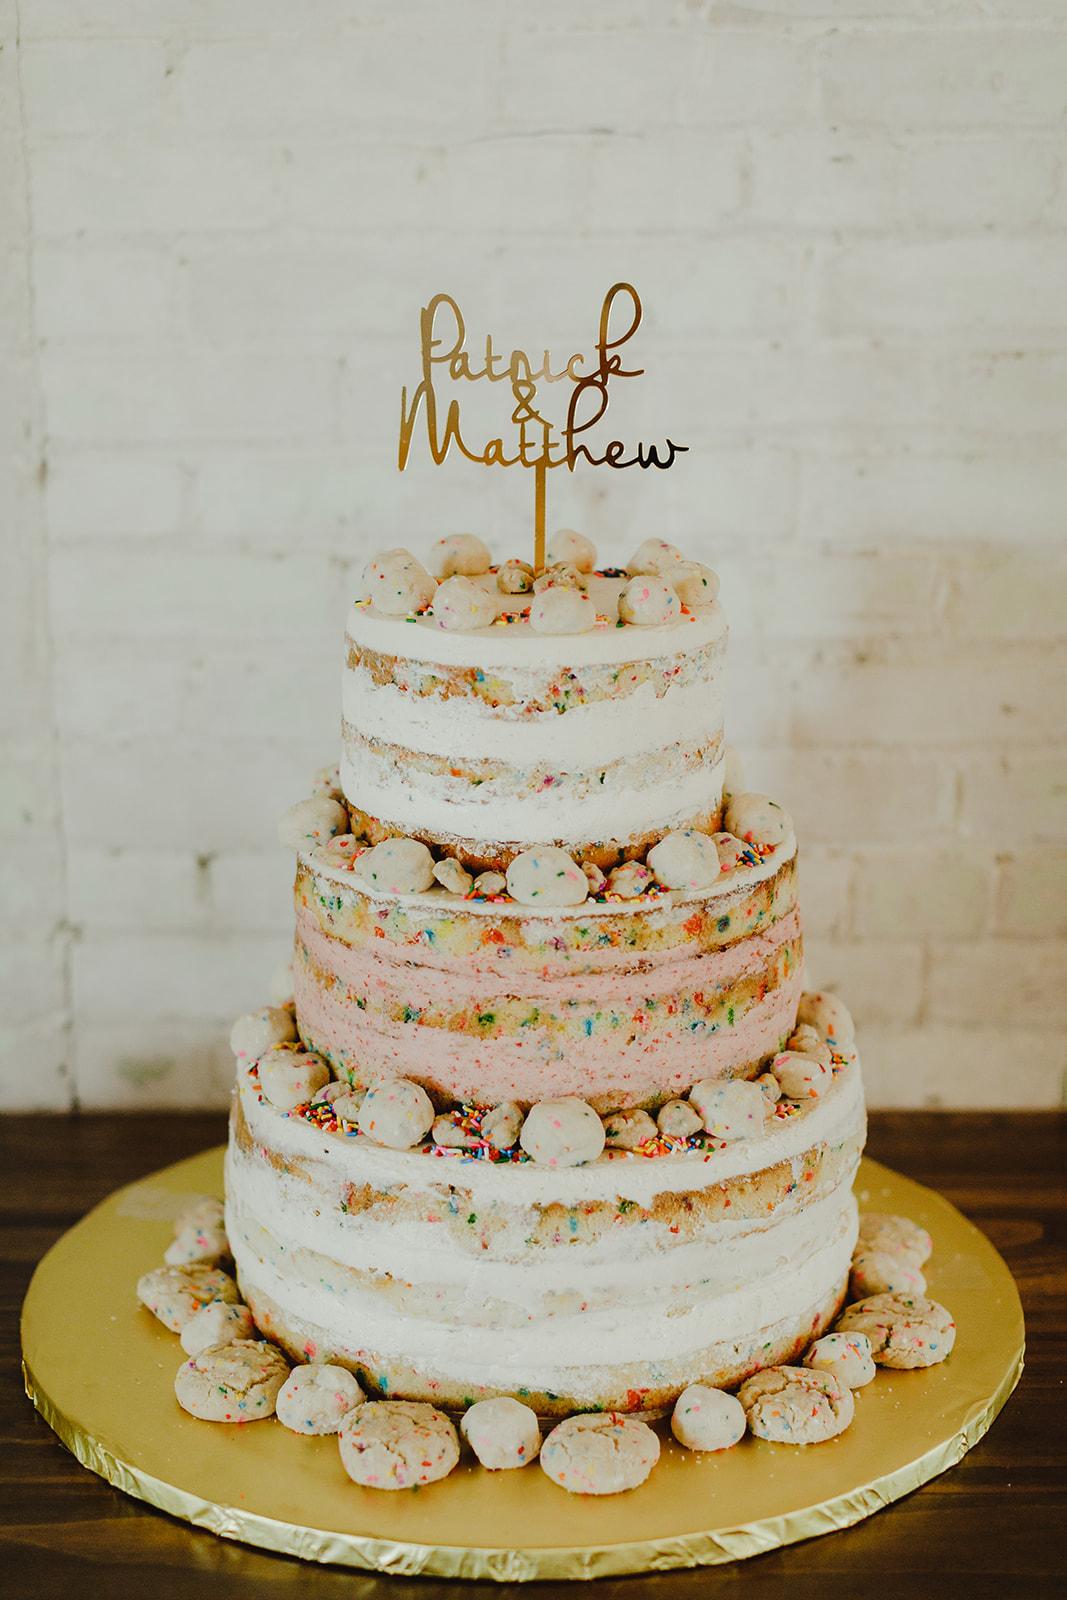 A milk bar wedding cake